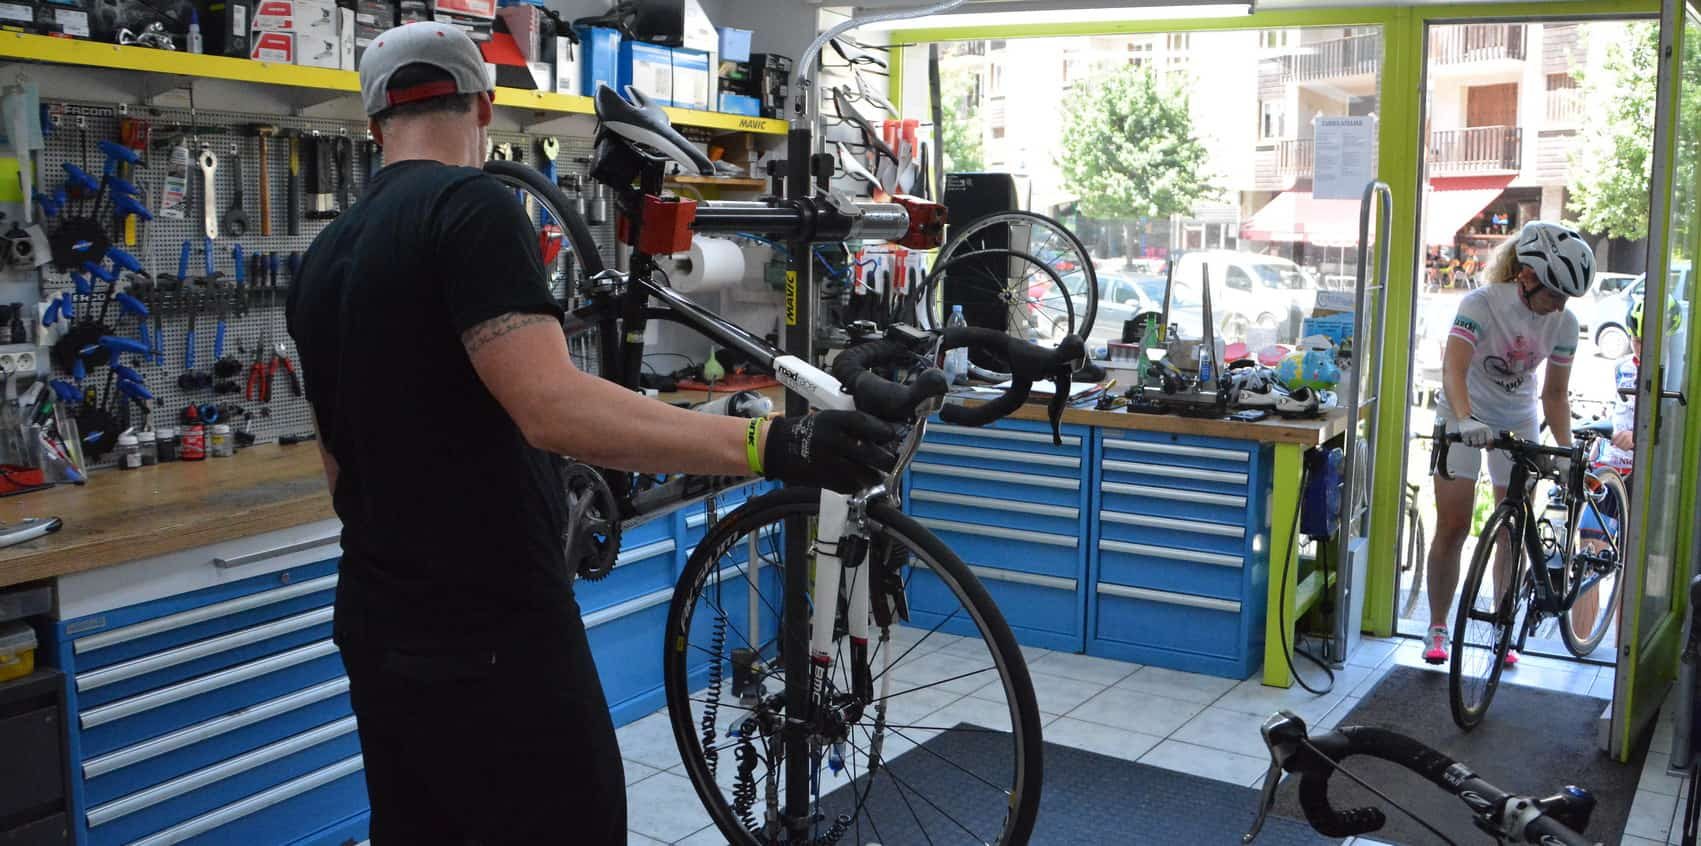 Technicien - Mécanicien cycles Alpe d'Huez Magasin Vélo Isère